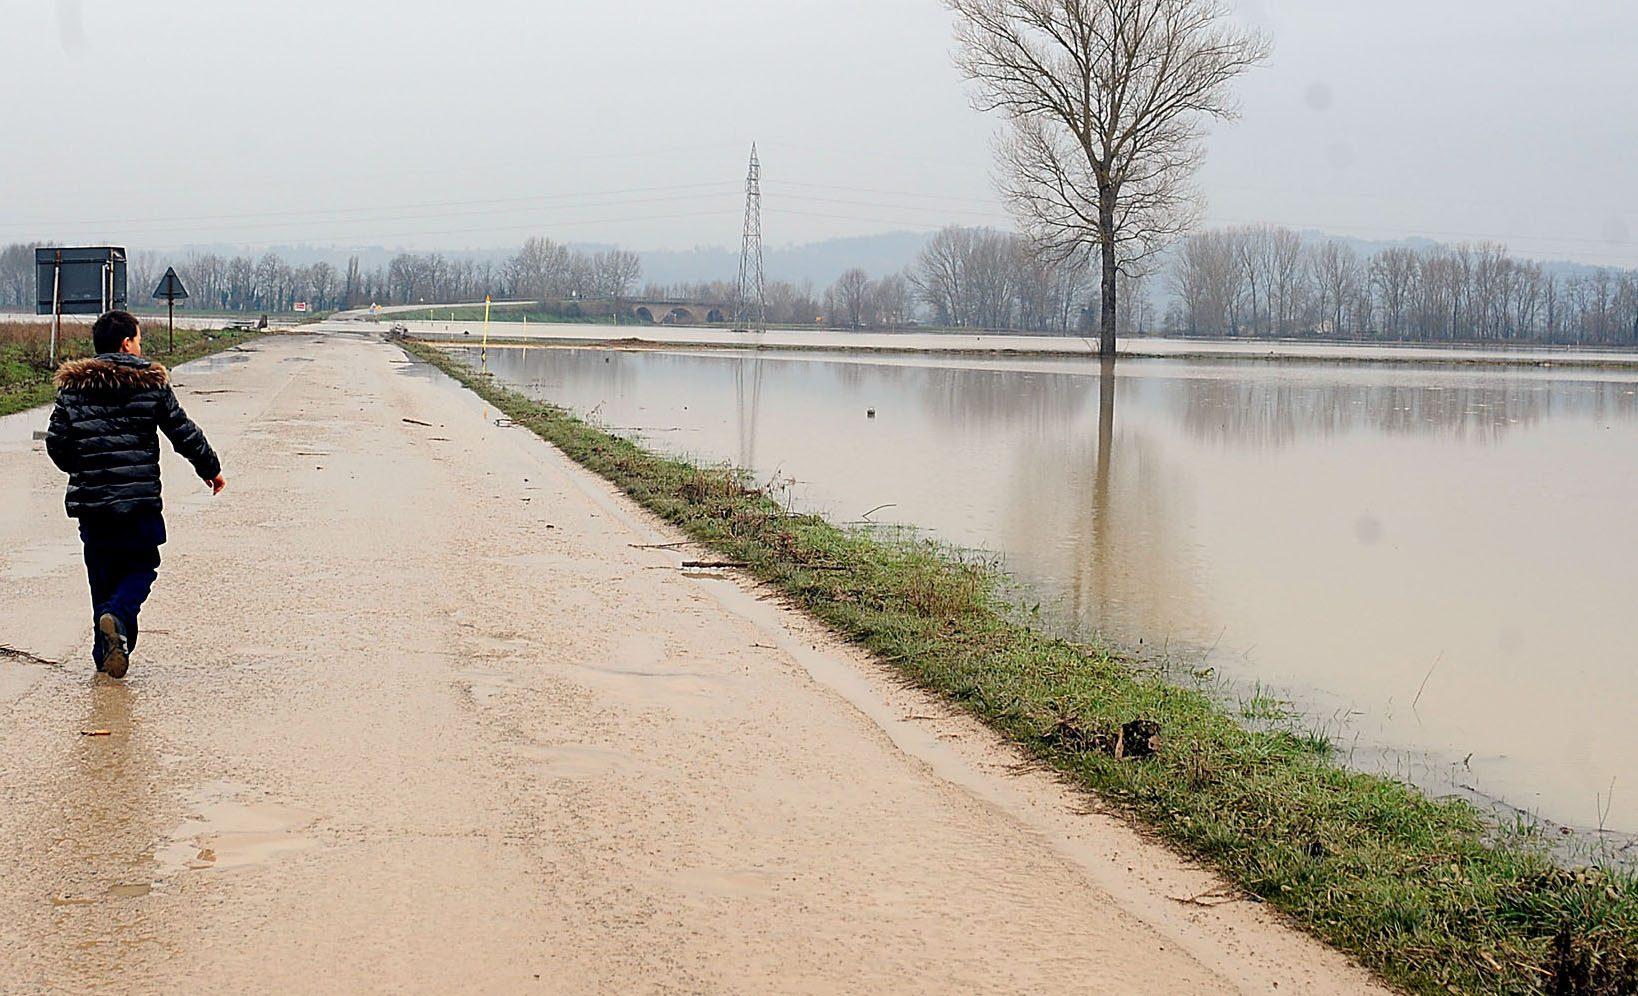 Allerta meteo Caserta: bomba d'acqua, allagati i campi coltivati - Napoli Fanpage.it